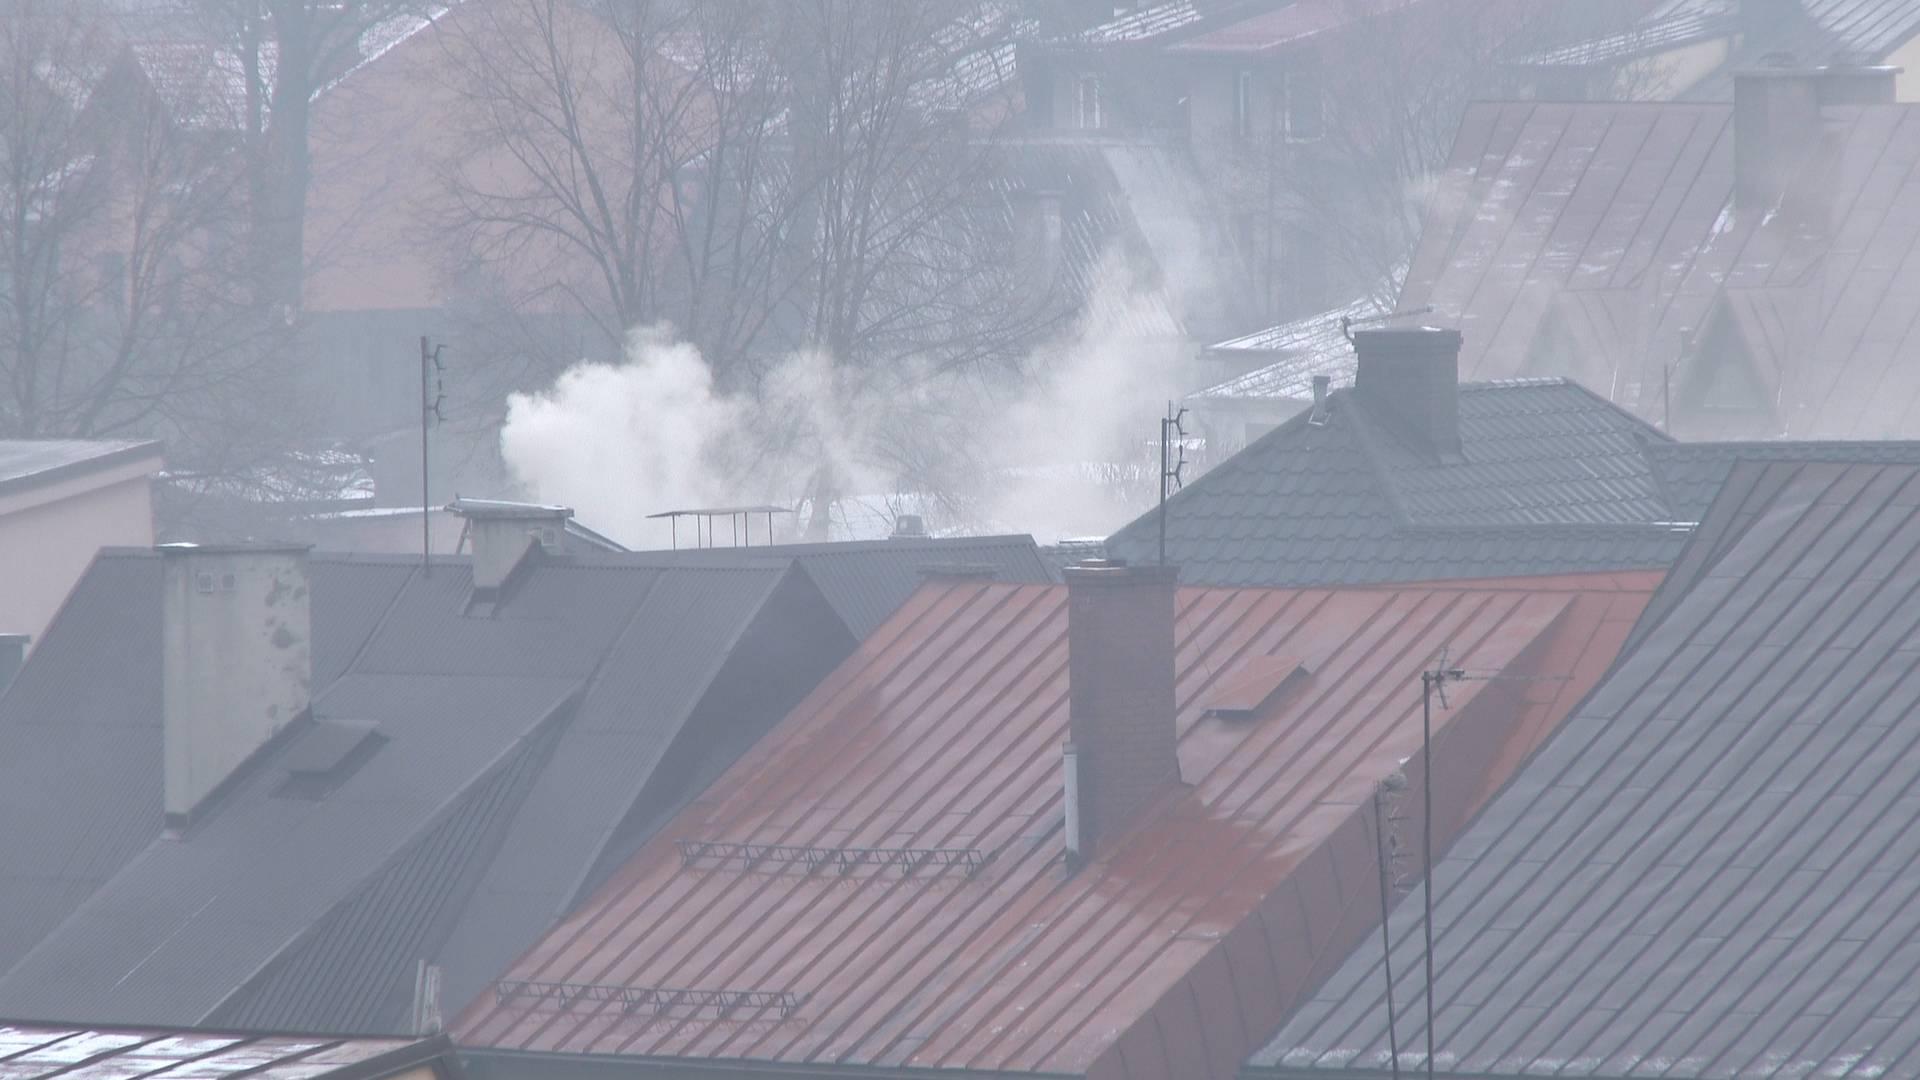 Jakość powietrza w Nowym Targu - jest bardzo źle